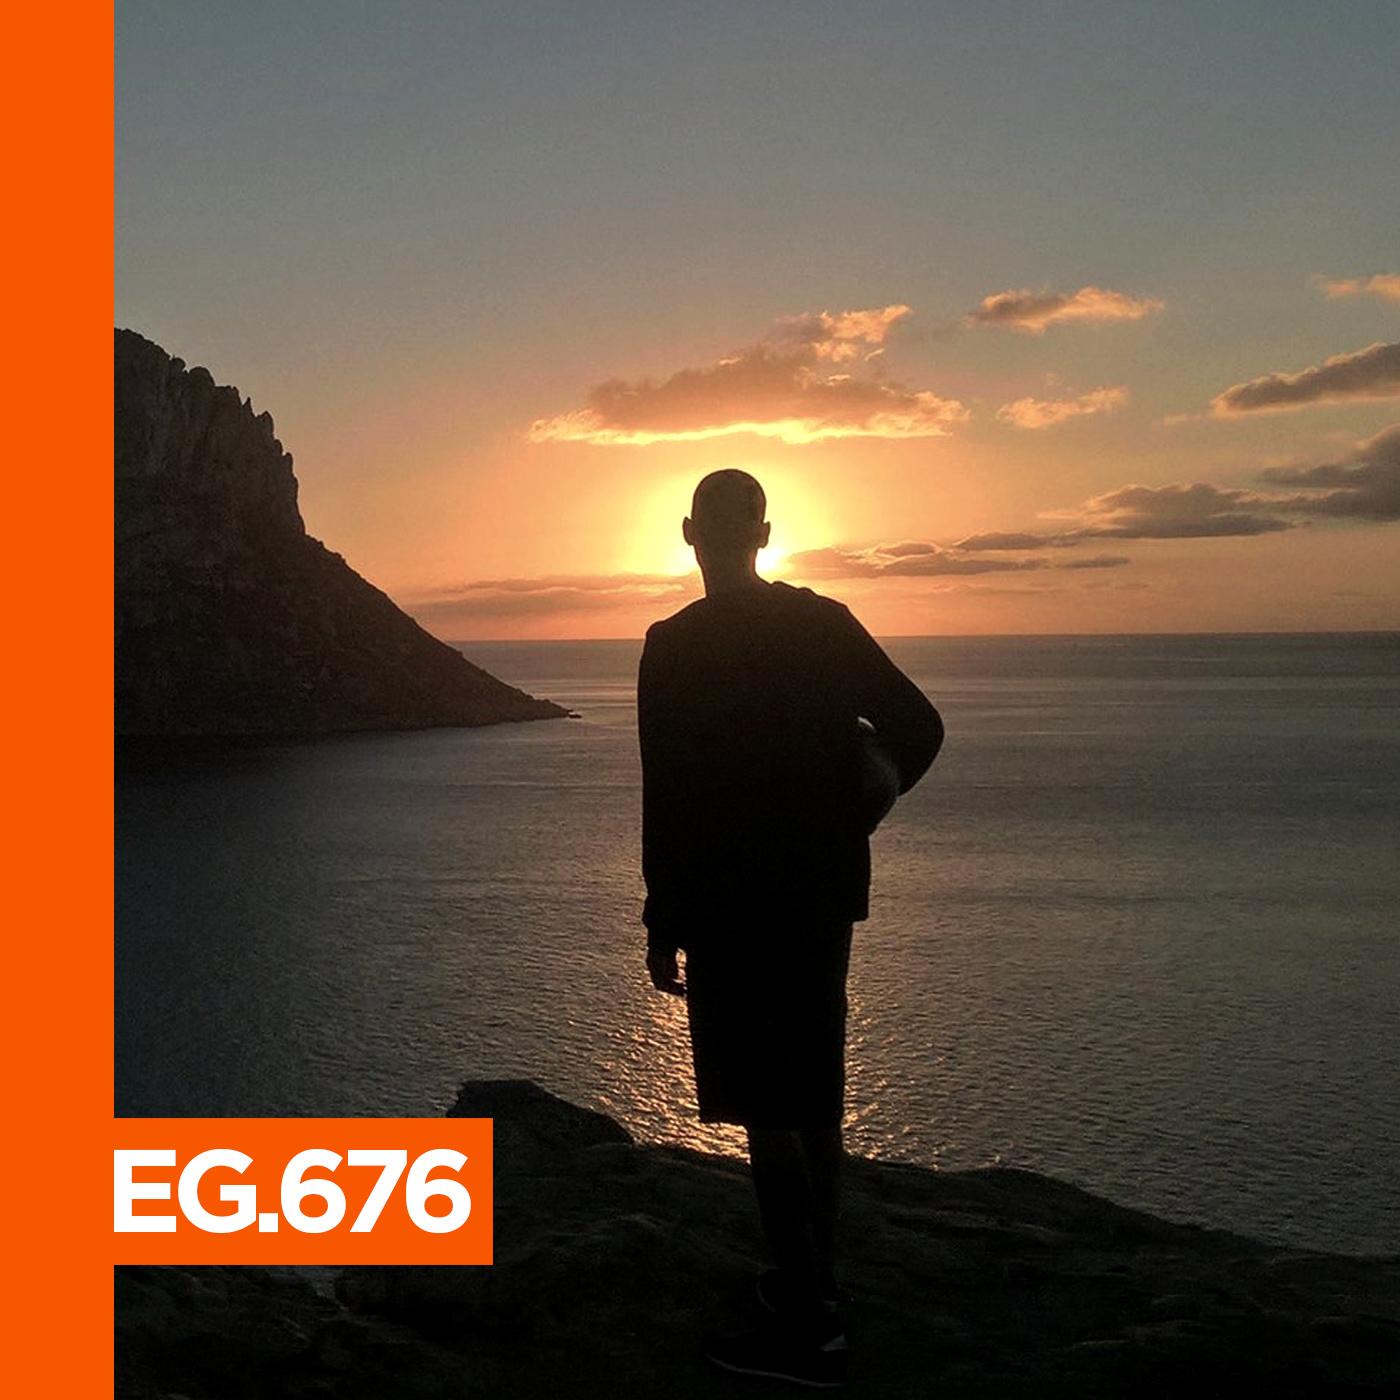 EG.676 Ricky Ryan